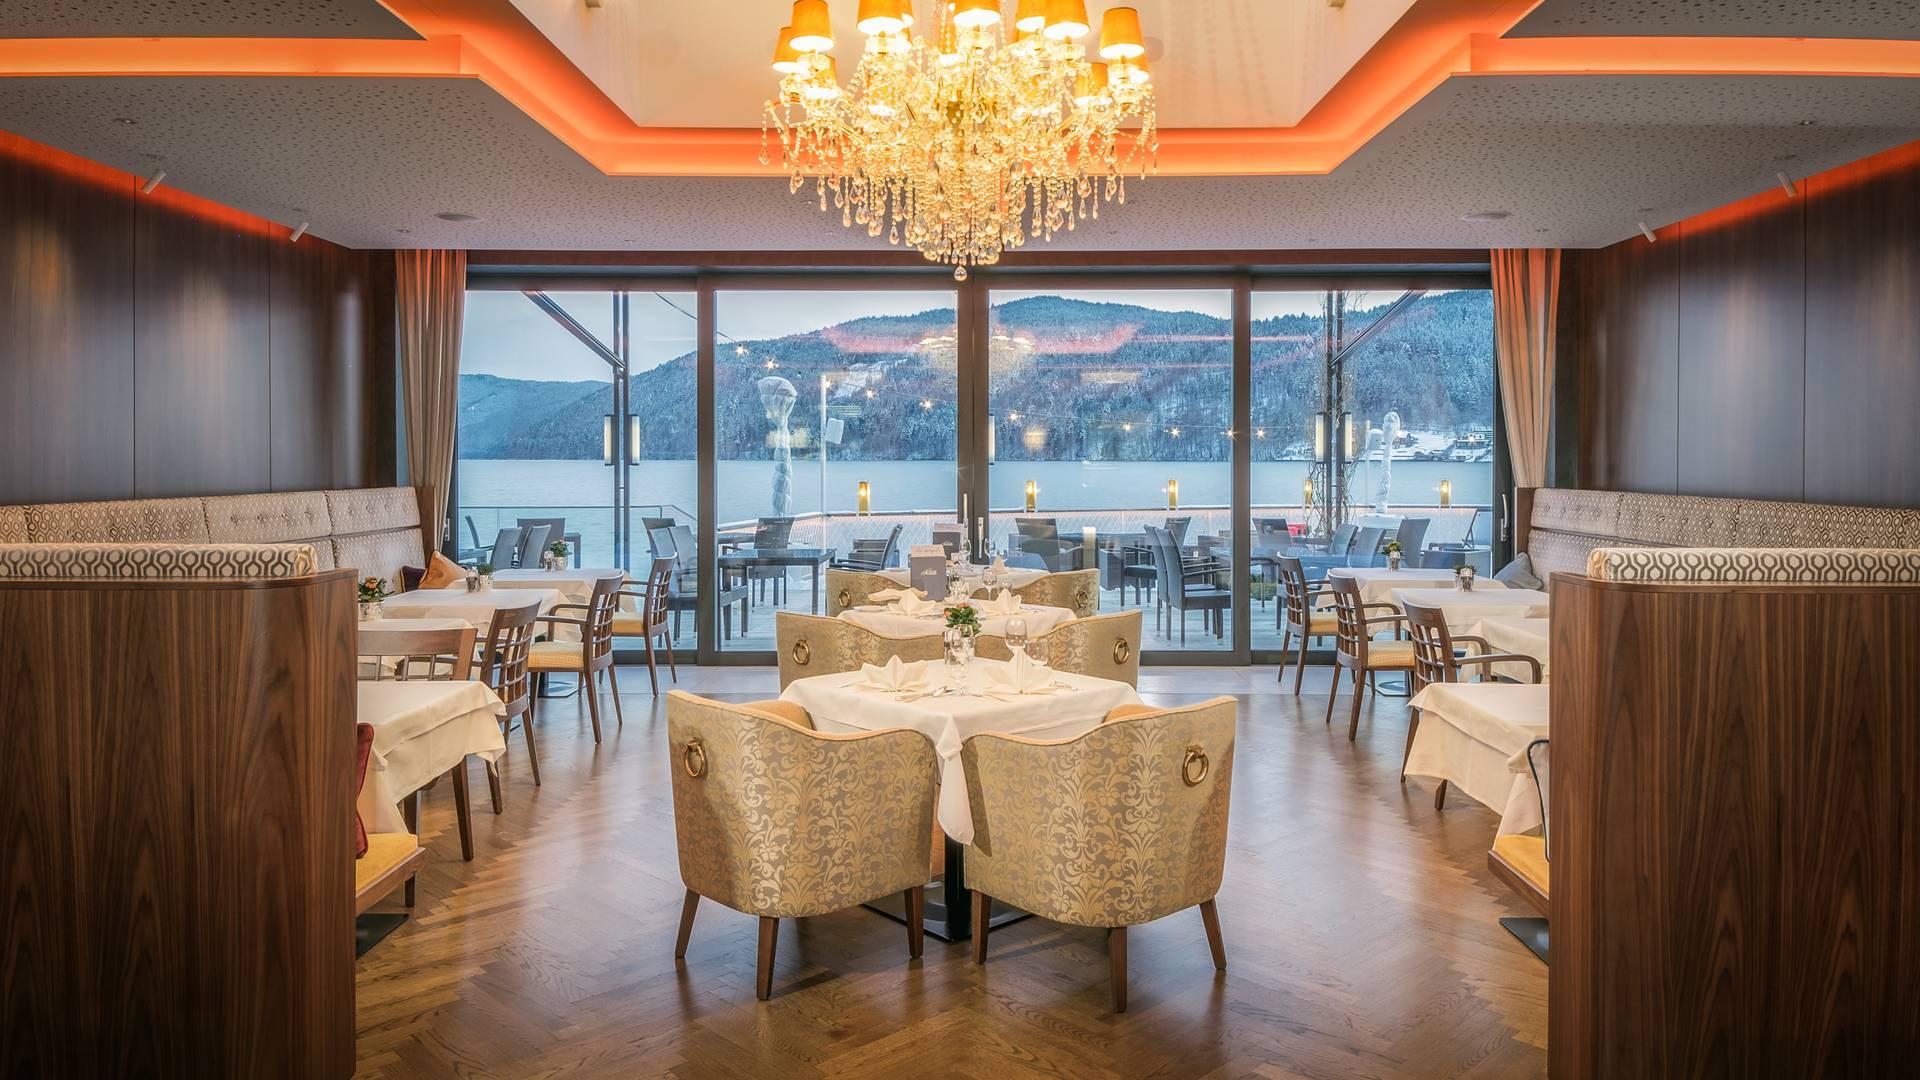 Hotel Forelle Restaurant